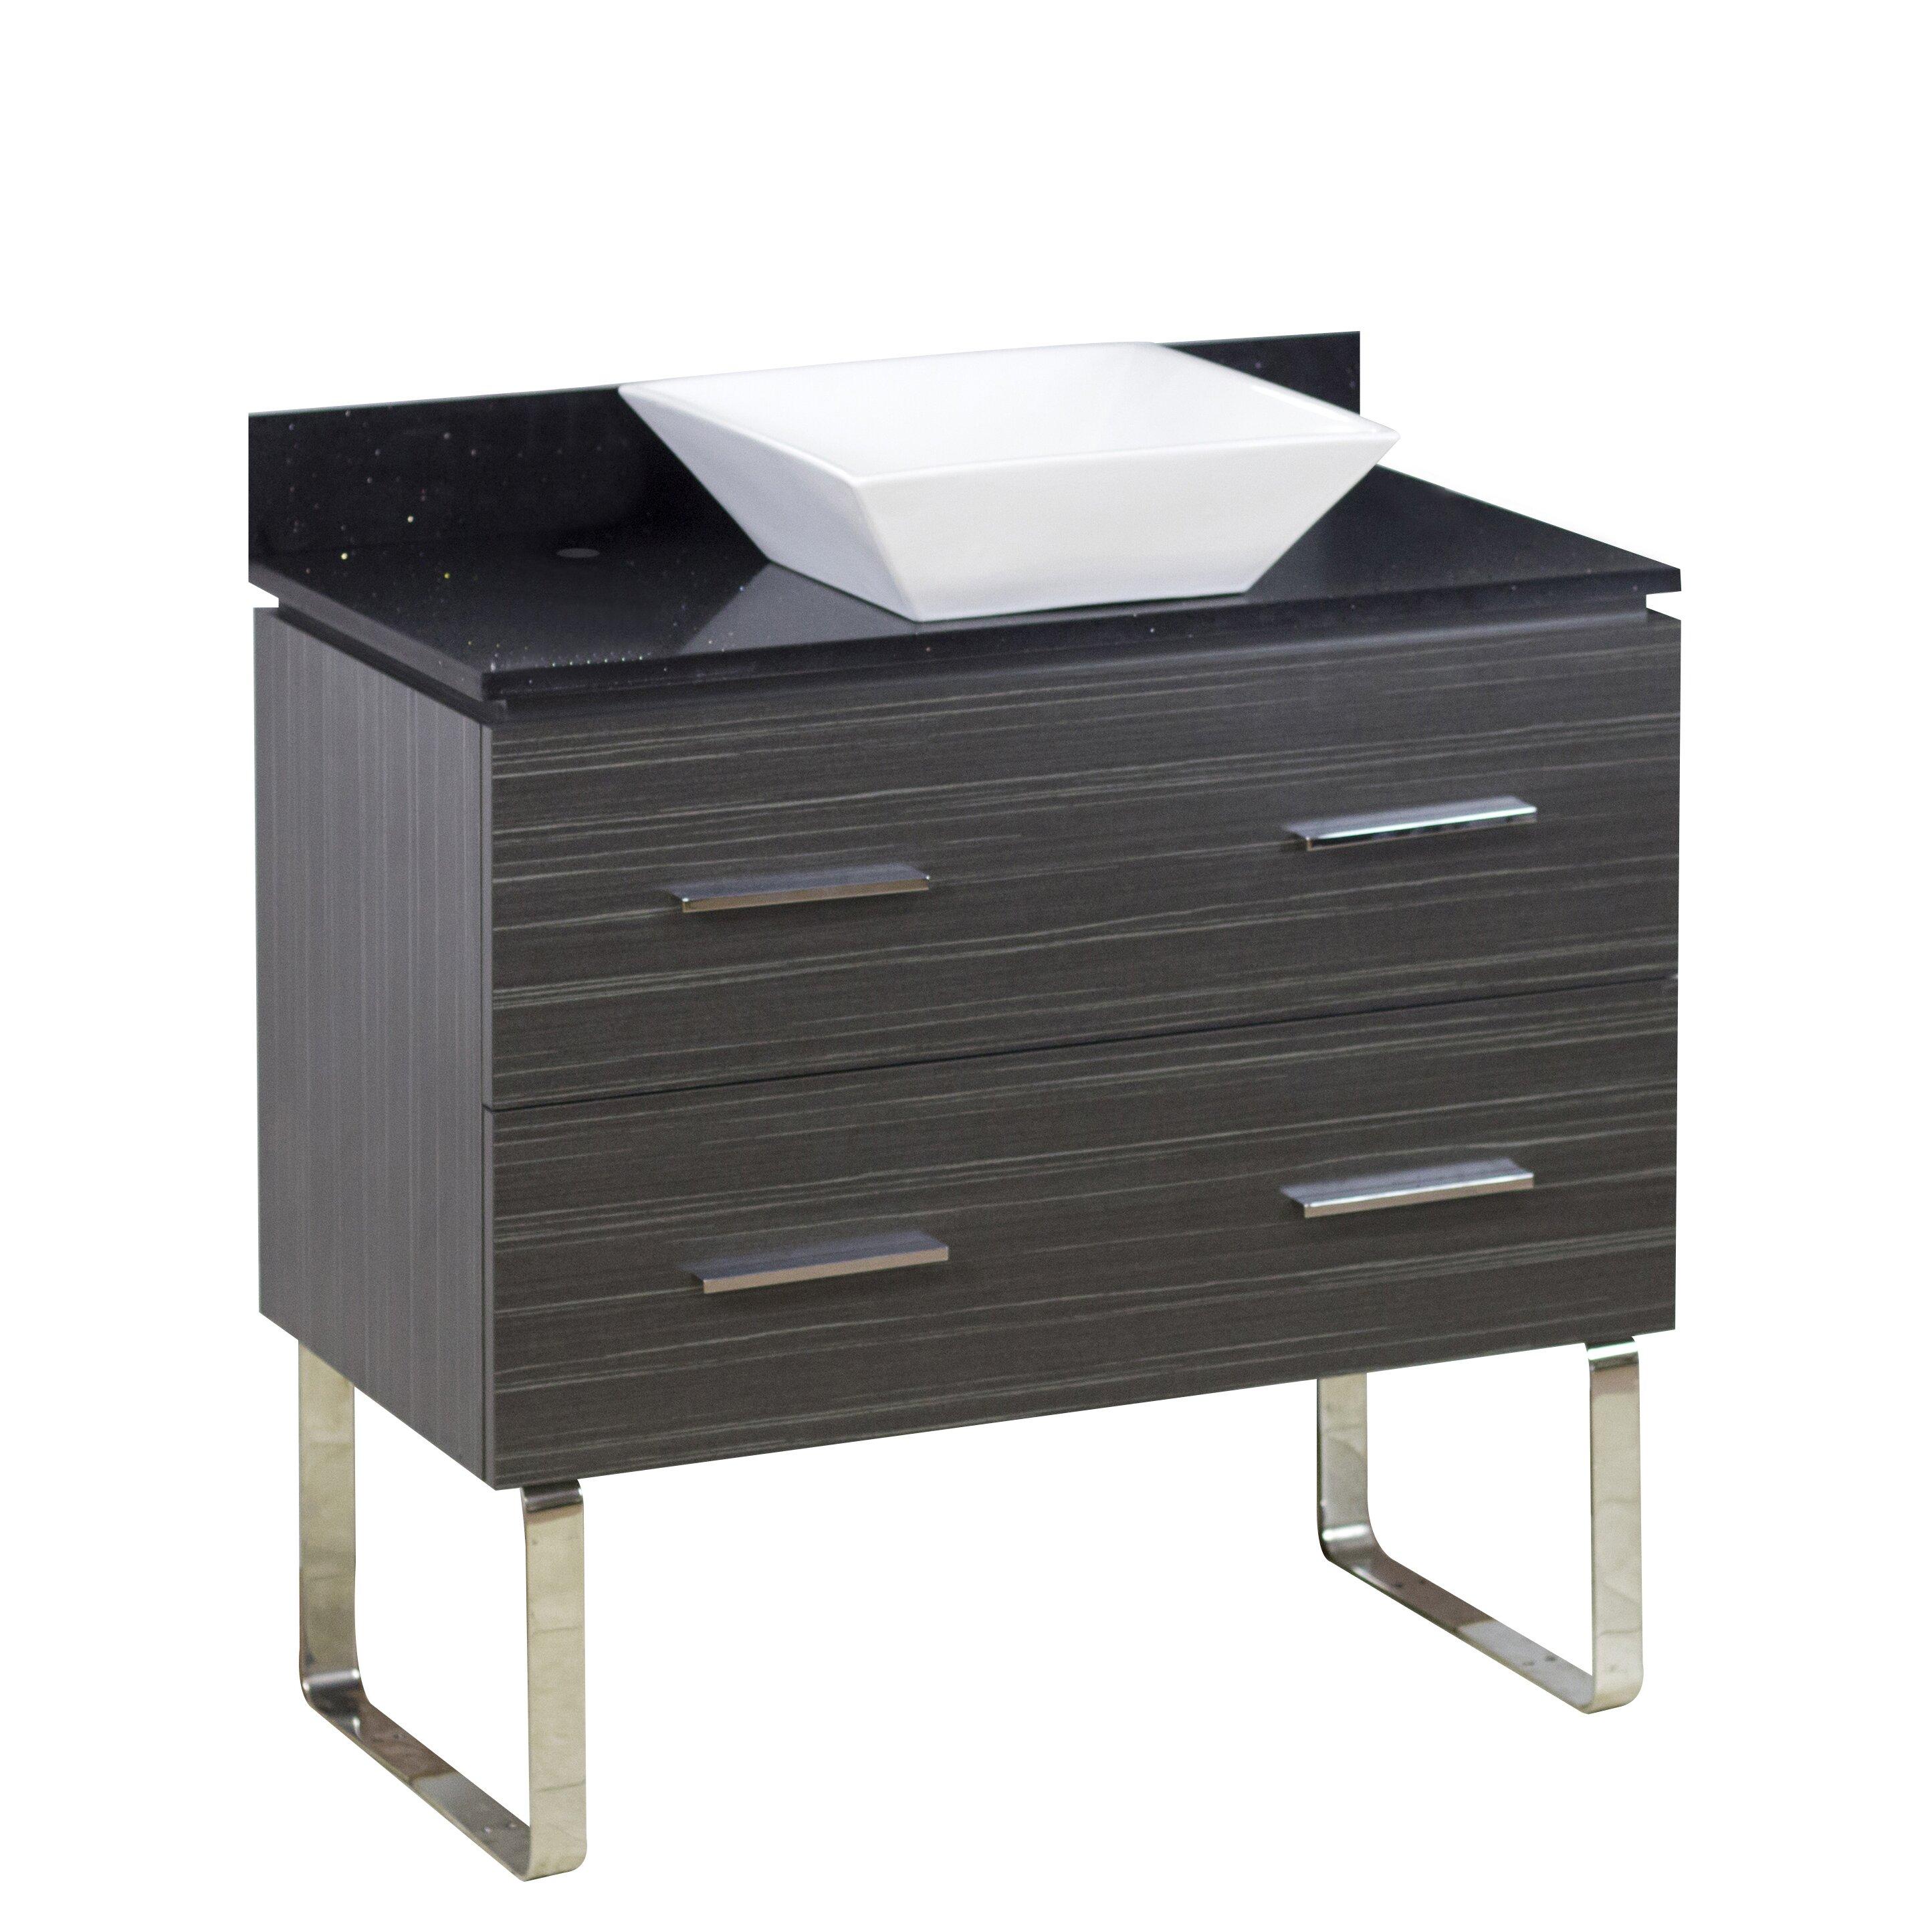 American imaginations 36 single modern bathroom vanity - Contemporary bathroom vanity sets ...